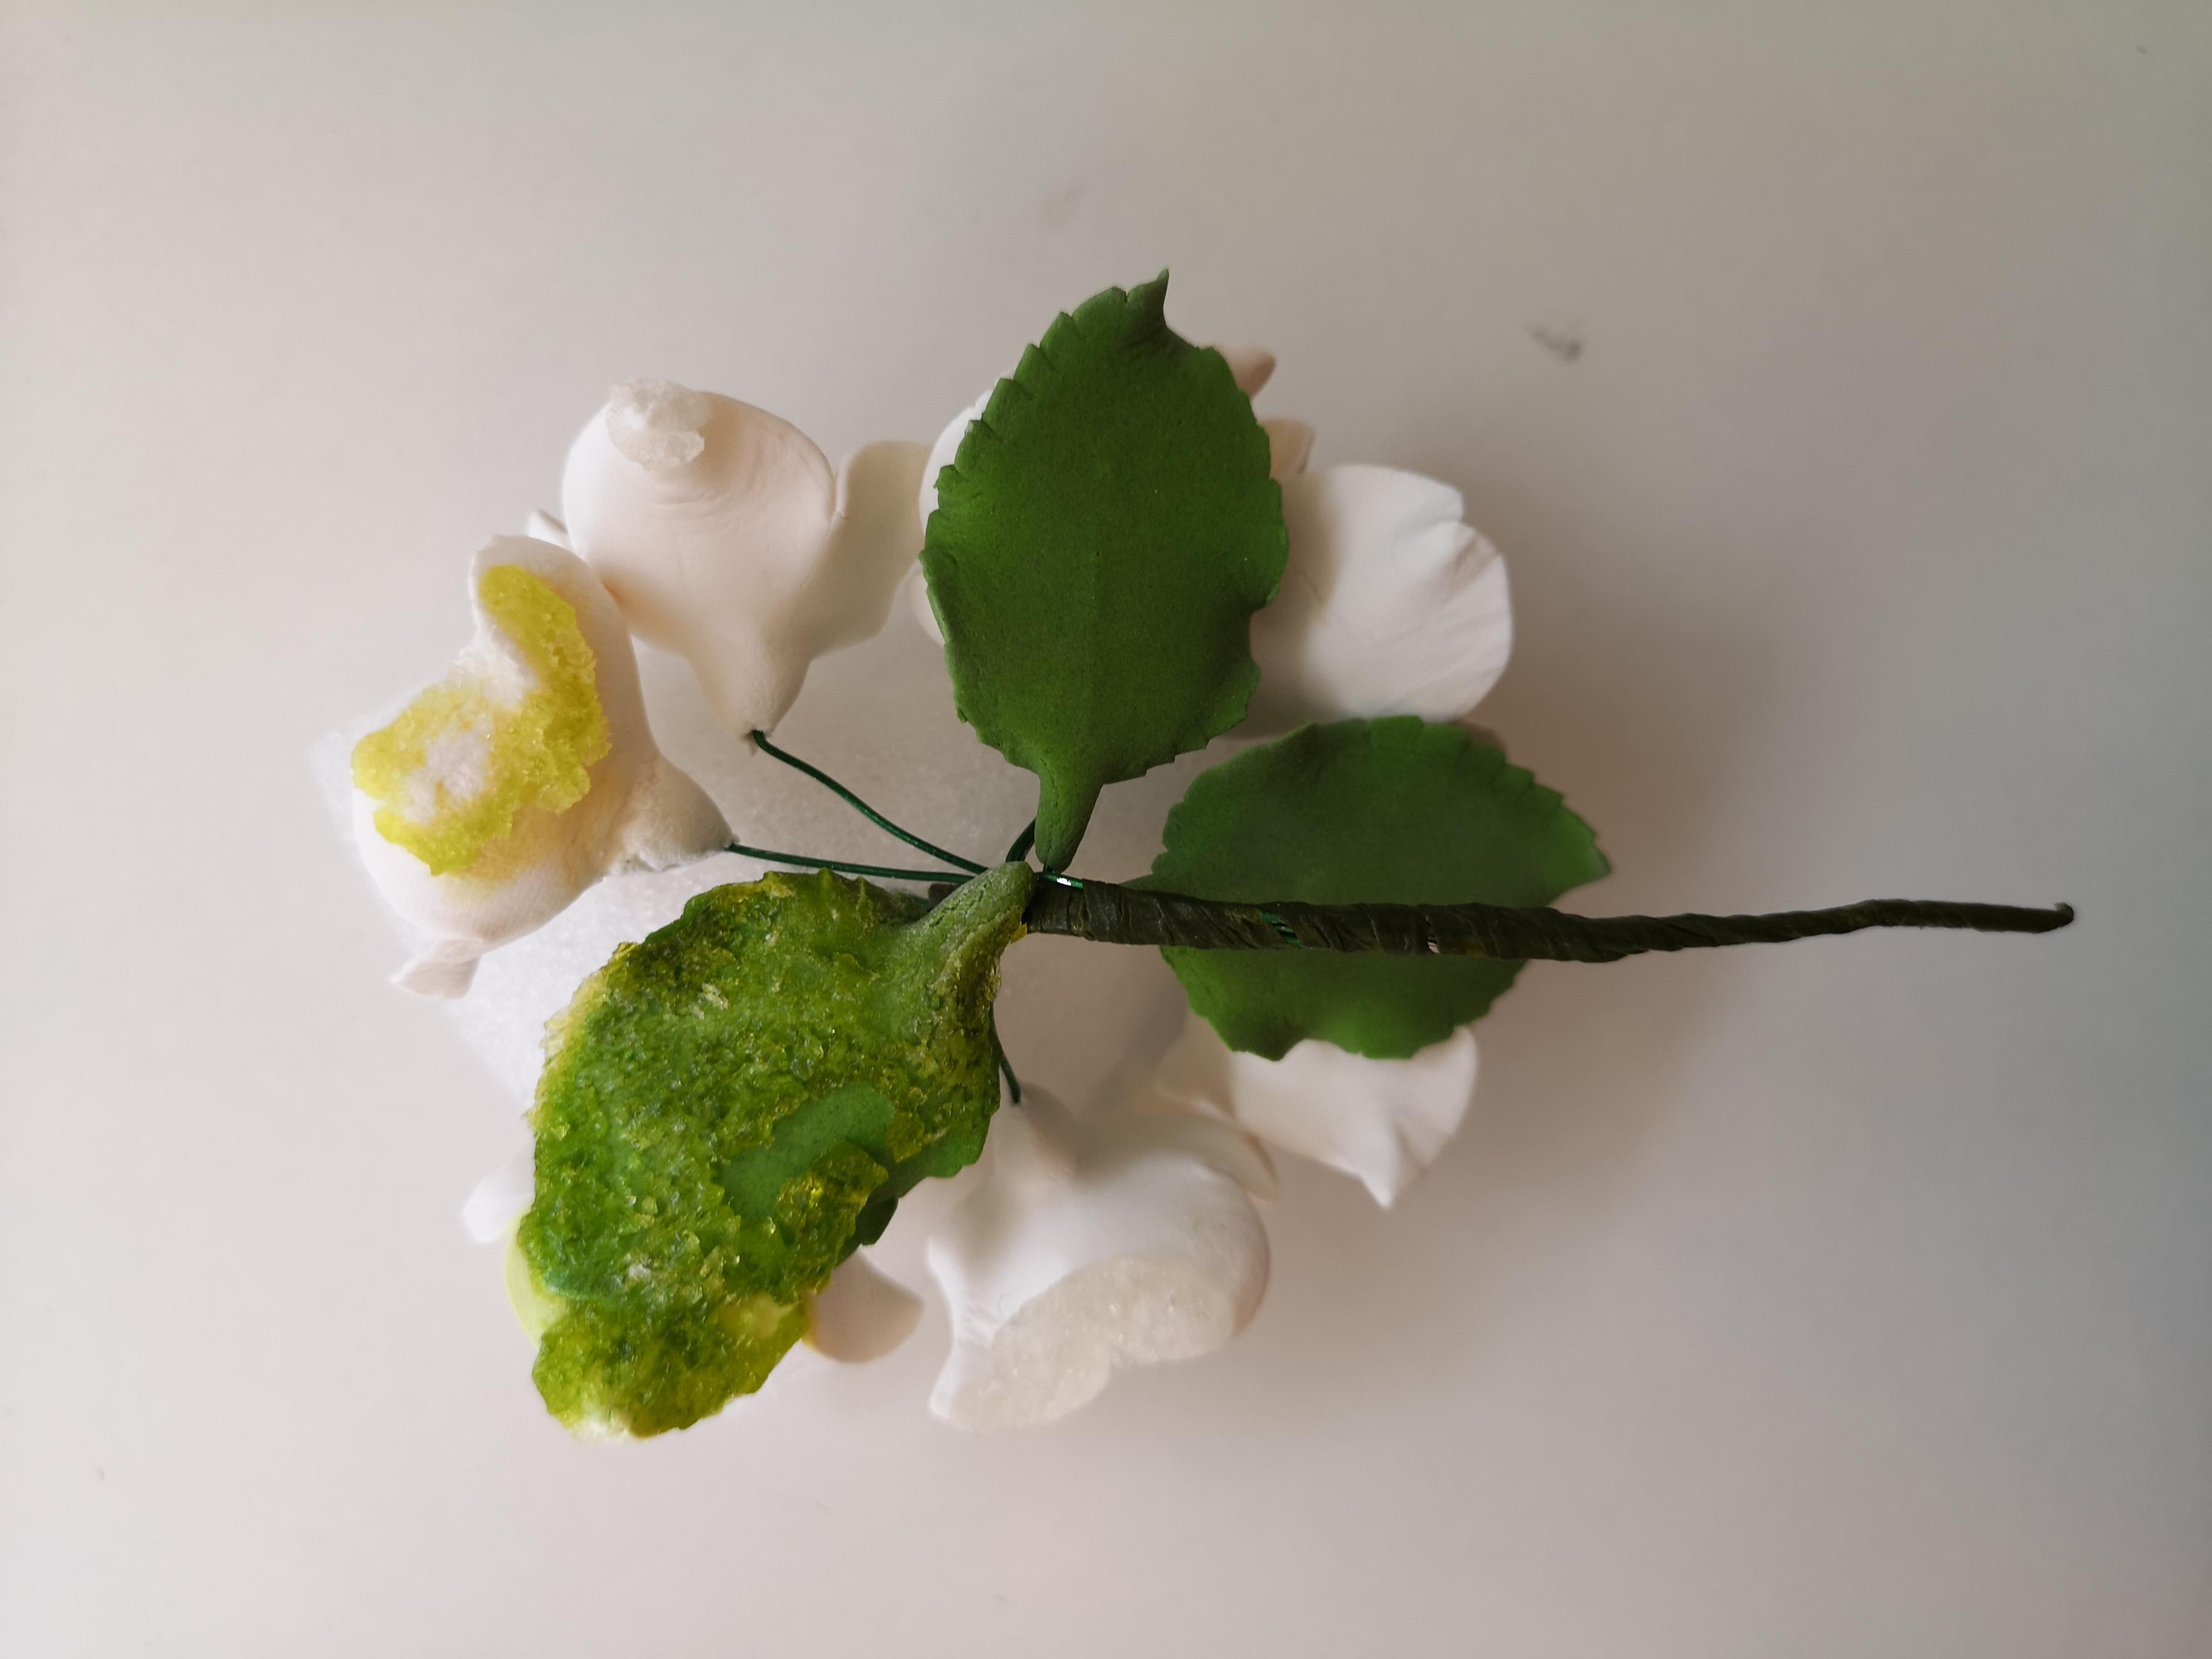 Zucker Hortensien Blumenstrauß weiß - fehlerhaft